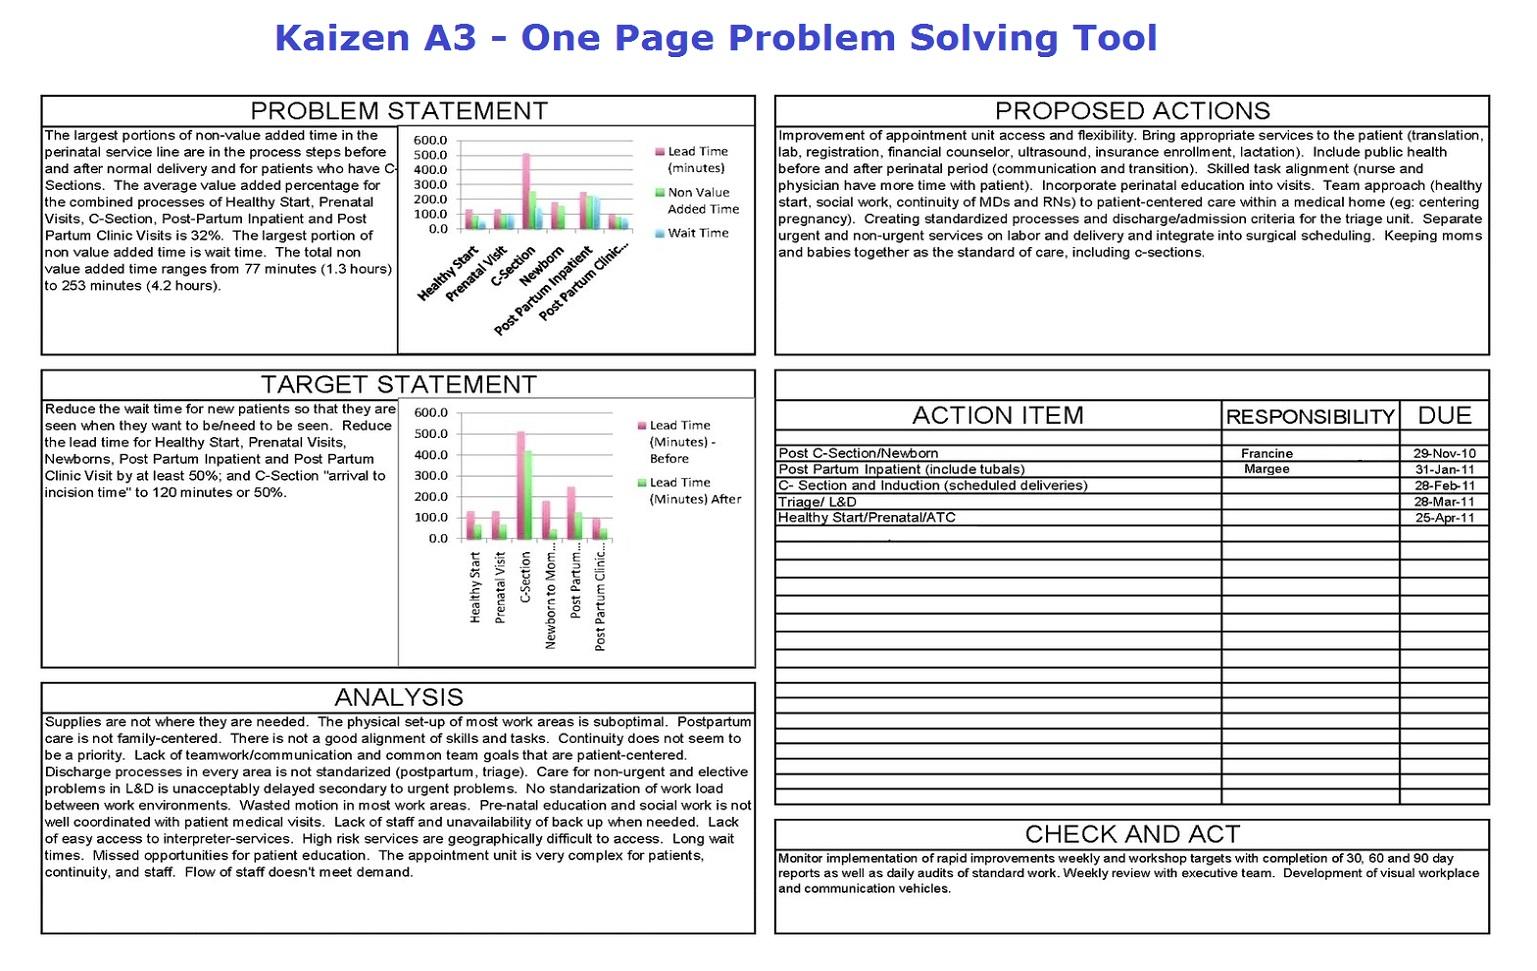 Kaizen A3 Example